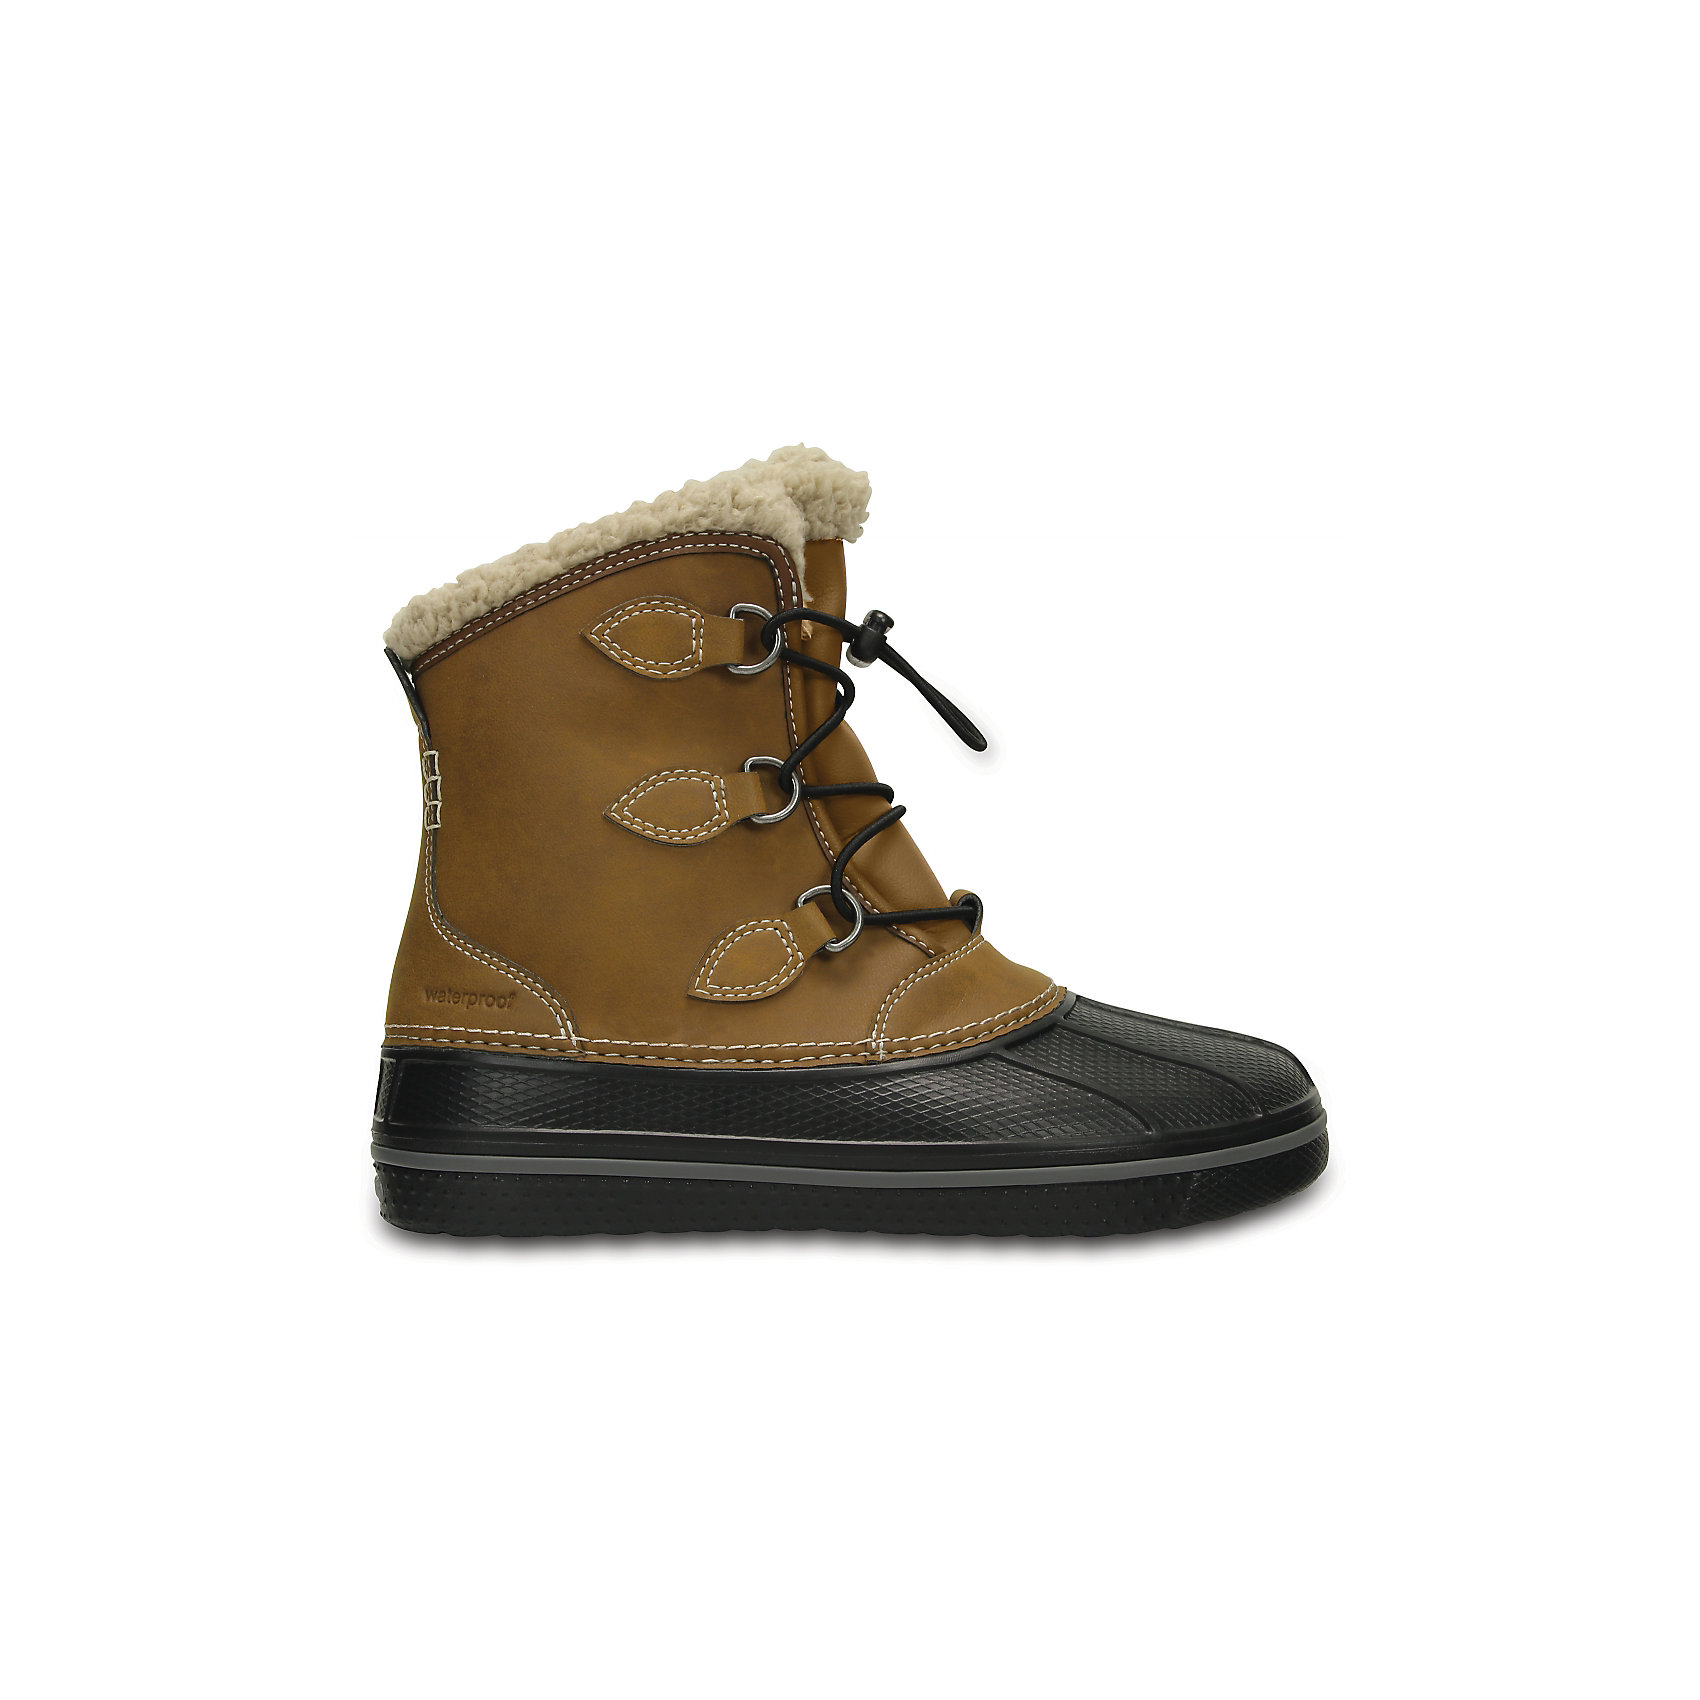 Сапоги Kids' AllCast II Boot для мальчика CROCSСноубутсы<br>Характеристики товара:<br><br>• цвет: коричневый<br>• материал: верх - текстиль, низ -100% полимер Croslite™<br>• материал подкладки: искусственный мех<br>• непромокаемая носочная часть<br>• температурный режим: от -15° до +10° С<br>• легко очищаются<br>• антискользящая подошва<br>• шнуровка<br>• толстая устойчивая подошва<br>• страна бренда: США<br>• страна изготовитель: Китай<br><br>Сапоги могут быть и стильными, и теплыми! Для детской обуви крайне важно, чтобы она была удобной. Такие сапоги обеспечивают детям необходимый комфорт, а теплая подкладка создает особый микроклимат. Сапоги легко надеваются и снимаются, отлично сидят на ноге. Материал, из которого они сделаны, не дает размножаться бактериям, поэтому такая обувь препятствует образованию неприятного запаха и появлению болезней стоп. Данная модель особенно понравится детям - ведь в них можно бегать по лужам!<br>Обувь от американского бренда Crocs в данный момент завоевала широкую популярность во всем мире, и это не удивительно - ведь она невероятно удобна. Её носят врачи, спортсмены, звёзды шоу-бизнеса, люди, которым много времени приходится бывать на ногах - они понимают, как важна комфортная обувь. Продукция Crocs - это качественные товары, созданные с применением новейших технологий. Обувь отличается стильным дизайном и продуманной конструкцией. Изделие производится из качественных и проверенных материалов, которые безопасны для детей.<br><br>Сапоги для мальчика от торговой марки Crocs можно купить в нашем интернет-магазине.<br><br>Ширина мм: 257<br>Глубина мм: 180<br>Высота мм: 130<br>Вес г: 420<br>Цвет: коричневый<br>Возраст от месяцев: 36<br>Возраст до месяцев: 48<br>Пол: Мужской<br>Возраст: Детский<br>Размер: 27,38/39,37/38,36/37,34/35,33/34,31/32,26,30,29,28<br>SKU: 5027365